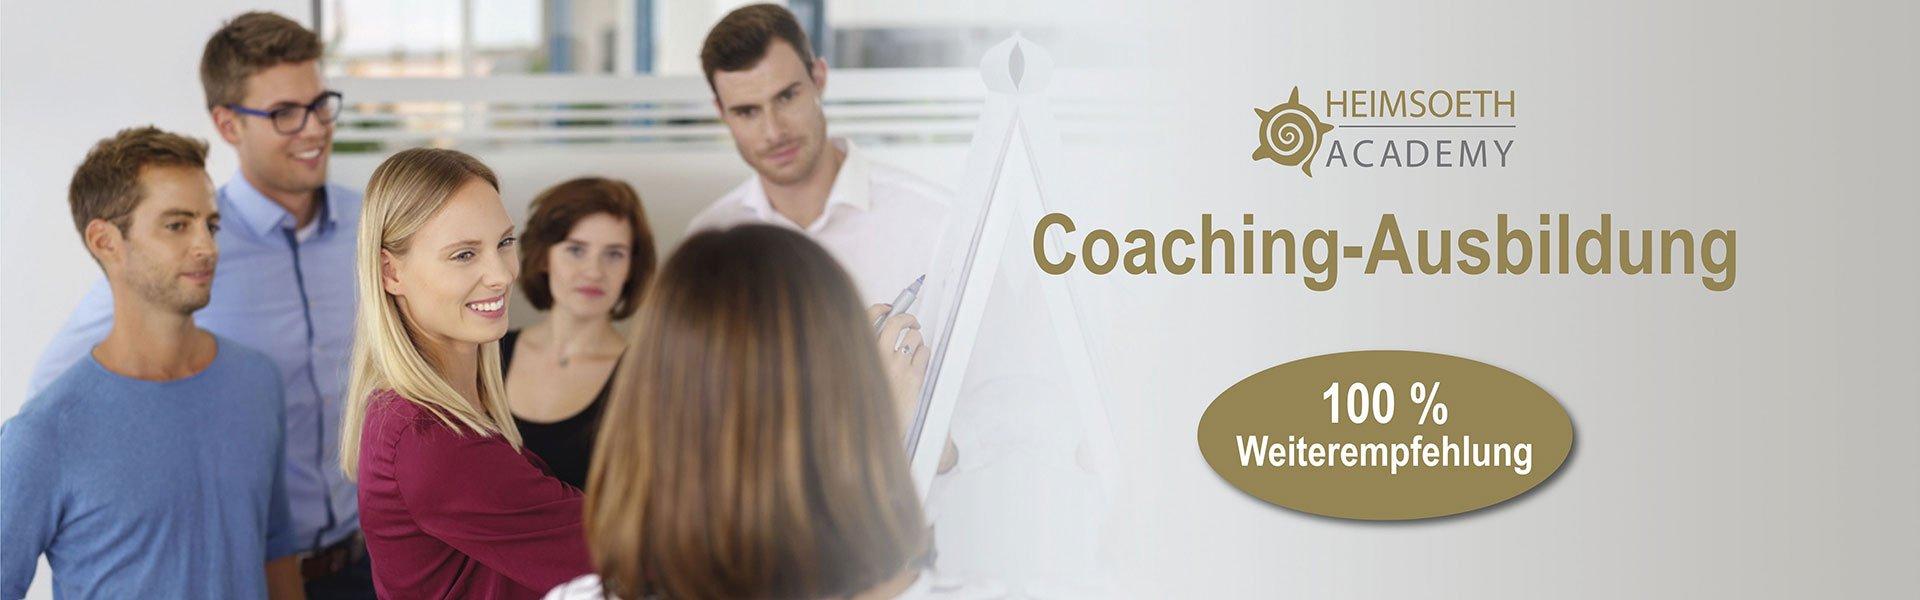 Coach Ausbildung zertifiziert Heimsoeth Academy